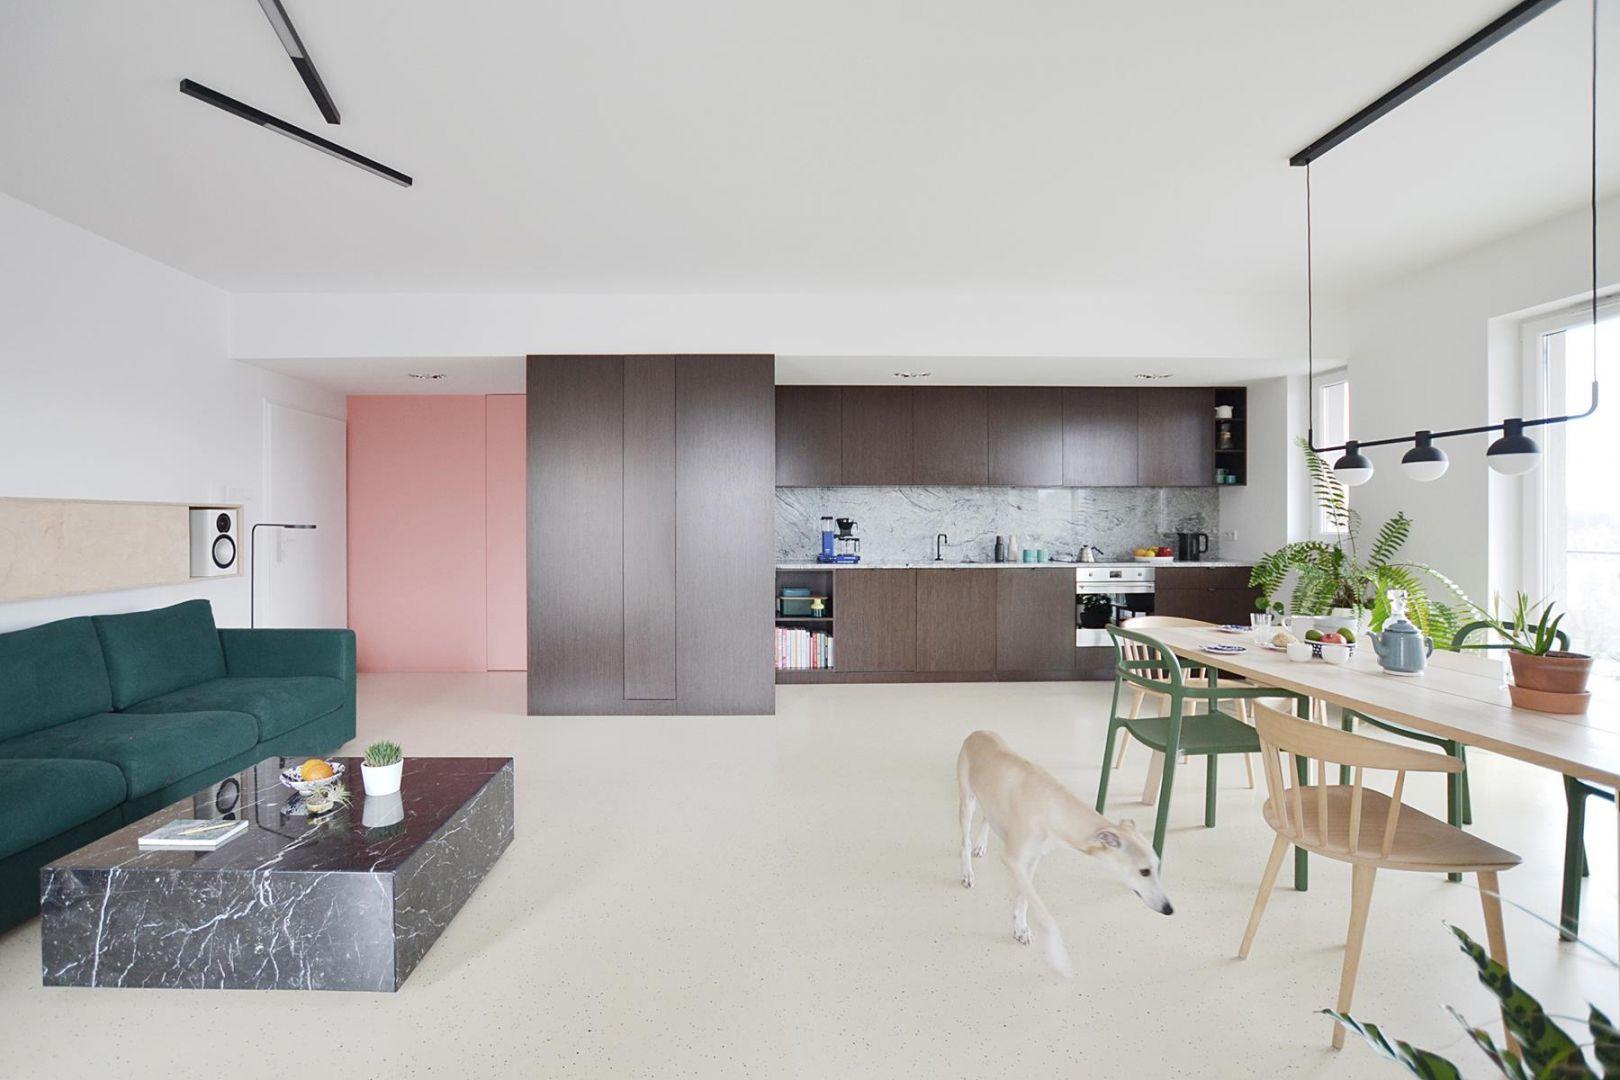 Mieszkanie składa się z części dziennej, która obejmuje otwartą kuchnię, salon oraz jadalnię, a także z sypialni połączonej z łazienką. Projekt: Grzegorz Layer. Fot. AQForm